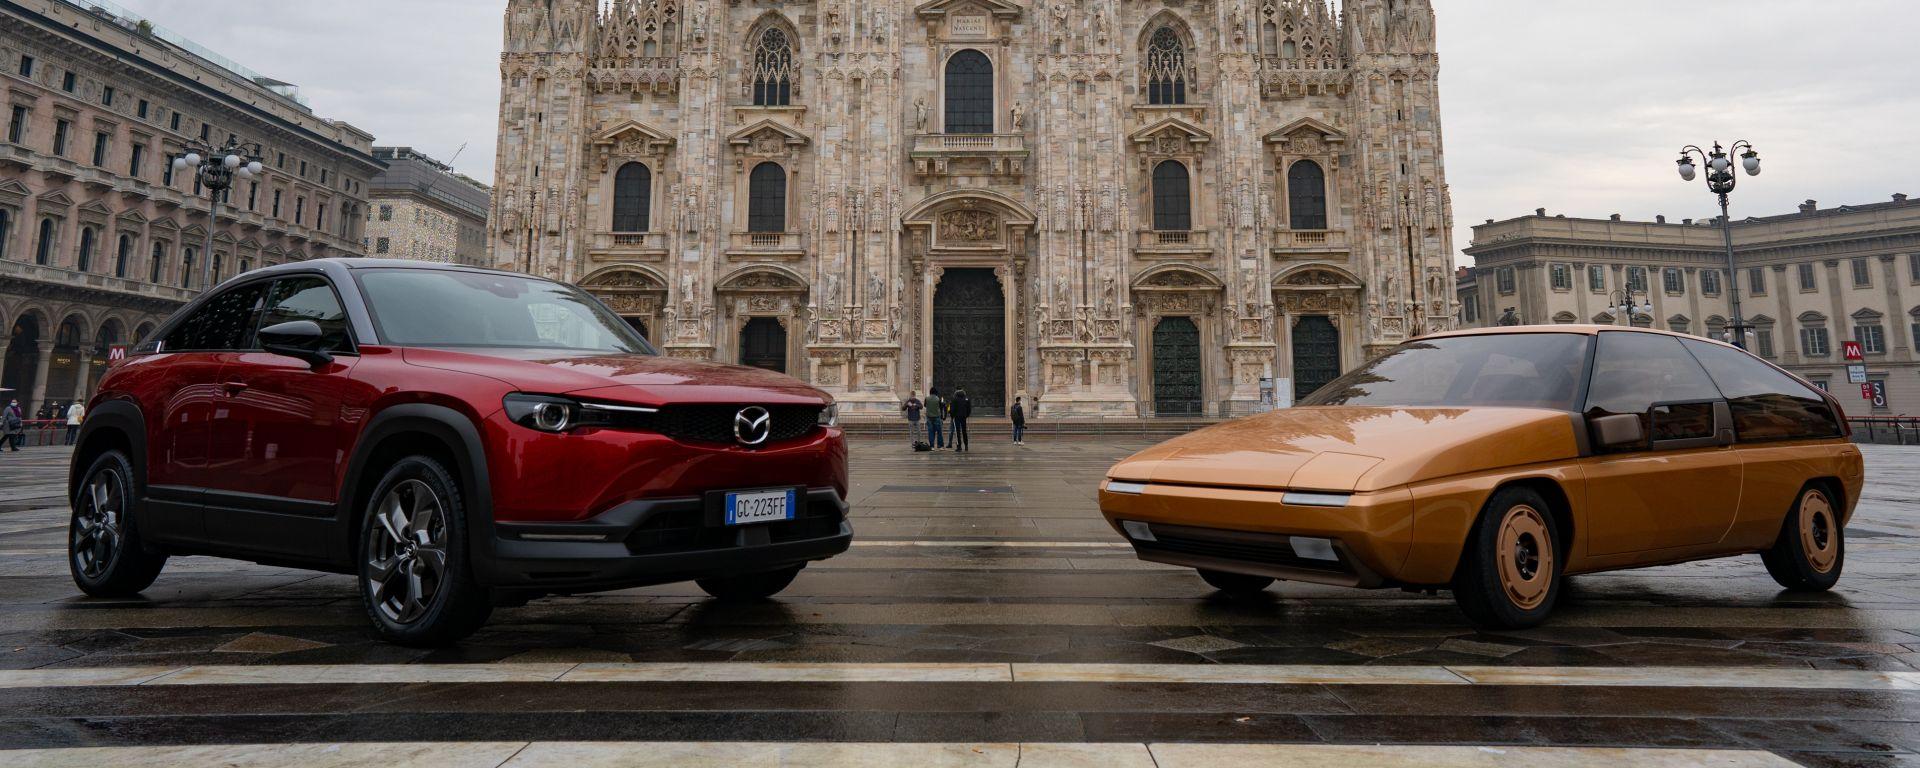 Mazda MX-30 e MX-81 in Piazza del Duomo a Milano